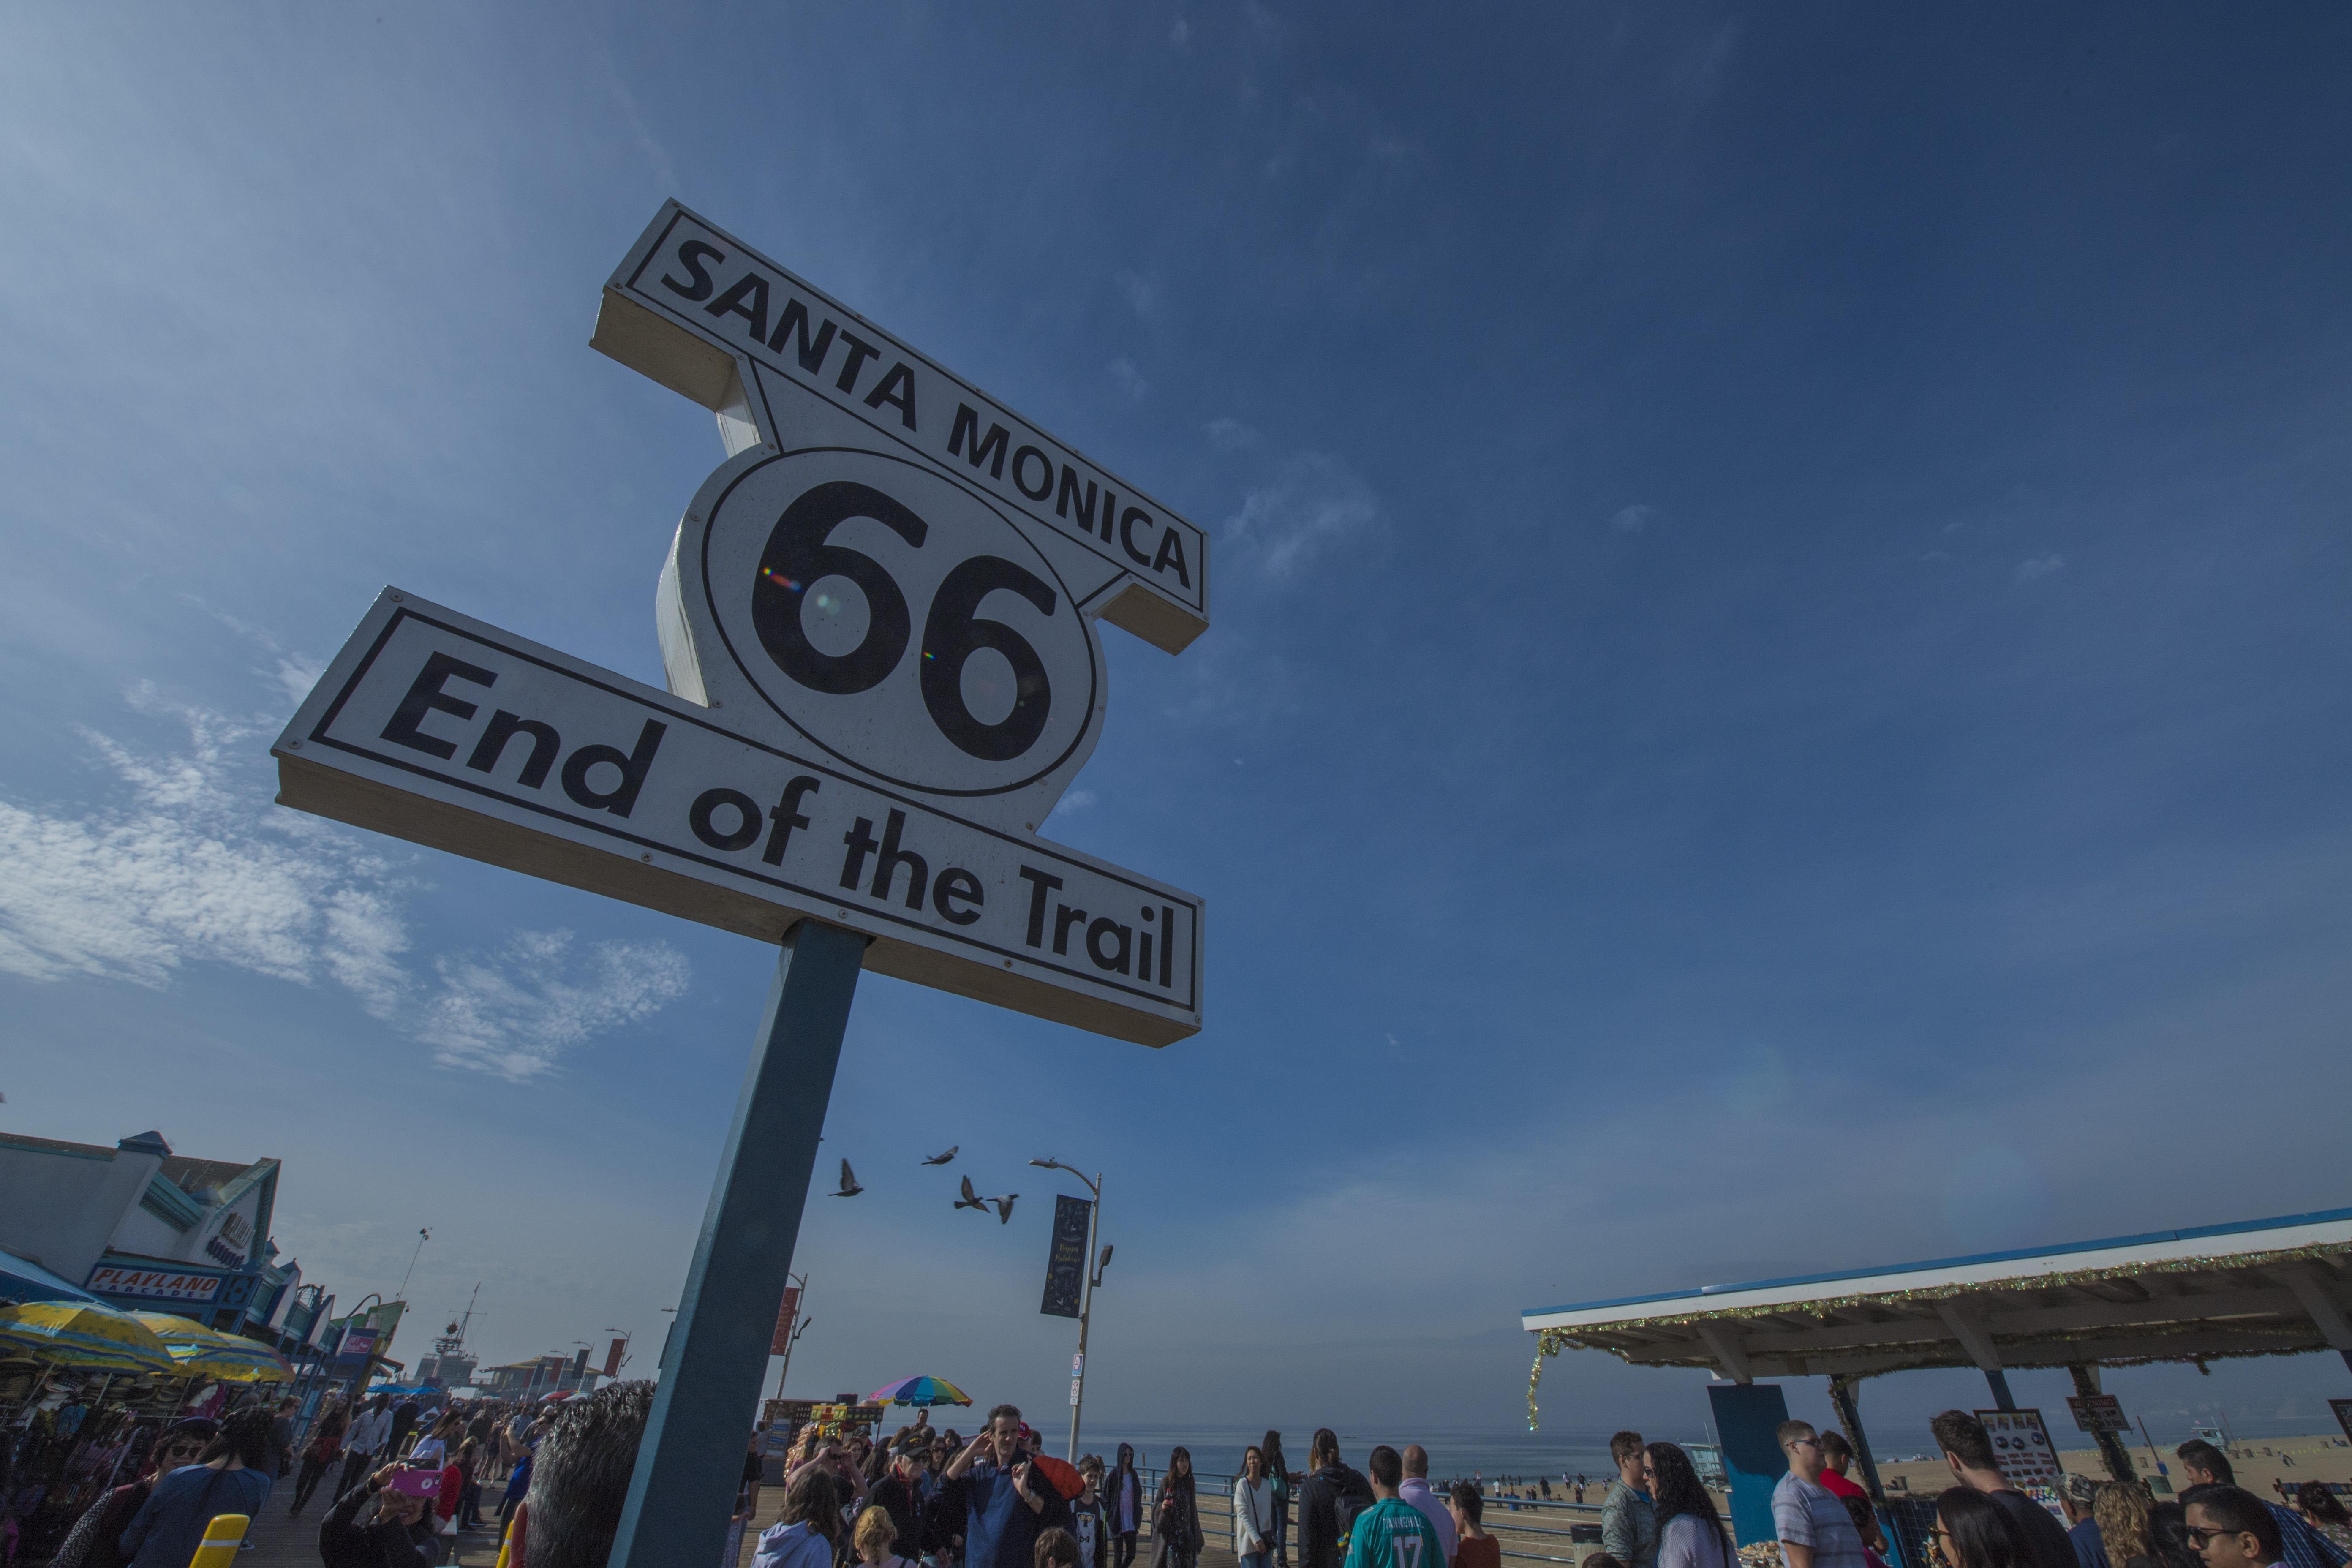 美国66号公路的终点,洛杉矶最美的圣莫妮卡海滩_圣莫尼卡